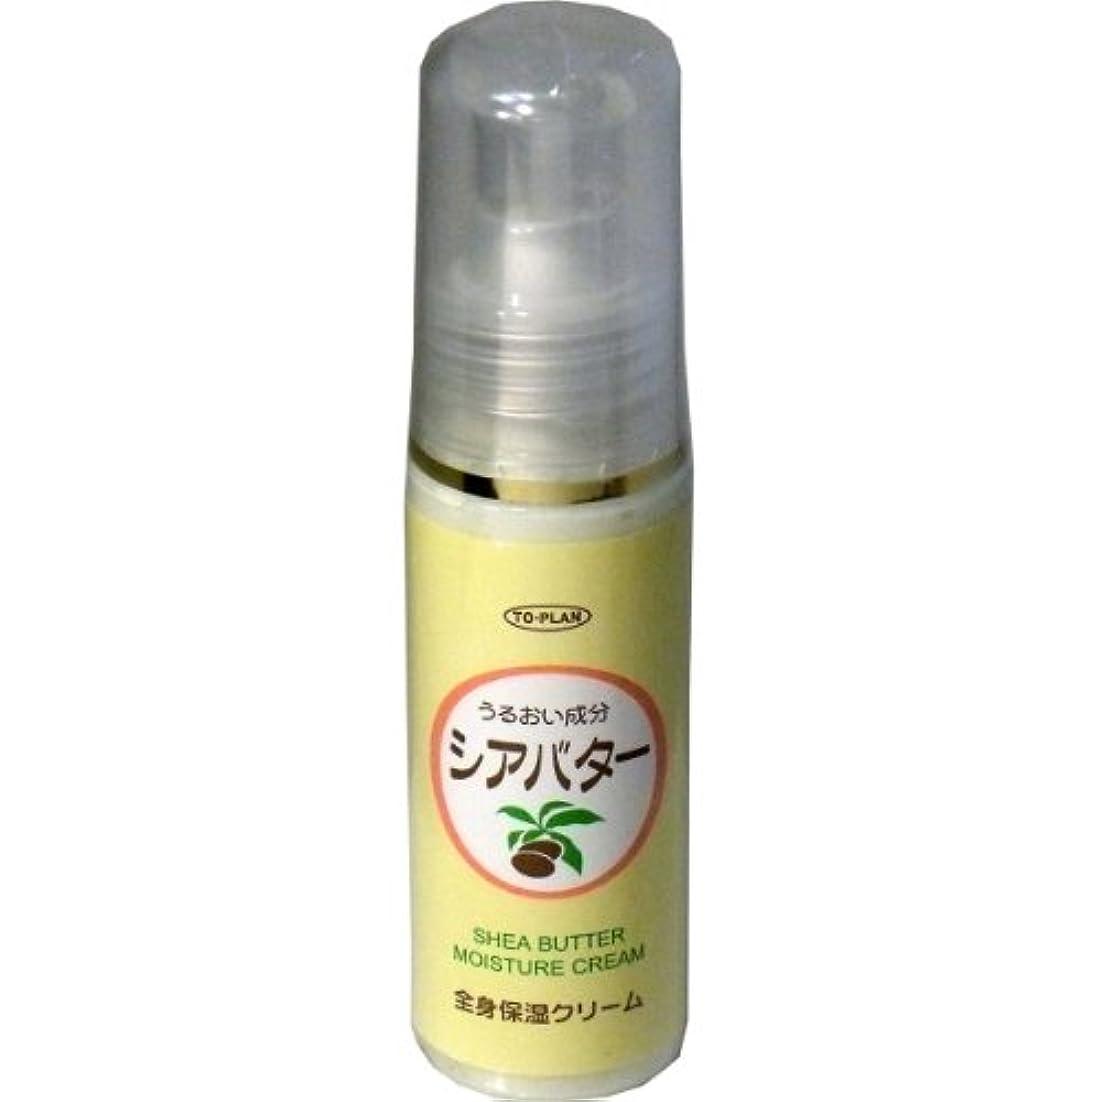 シャイ一族ペレットトプラン シアバター全身保湿クリーム ポンプ 50mL (商品内訳:単品1個)